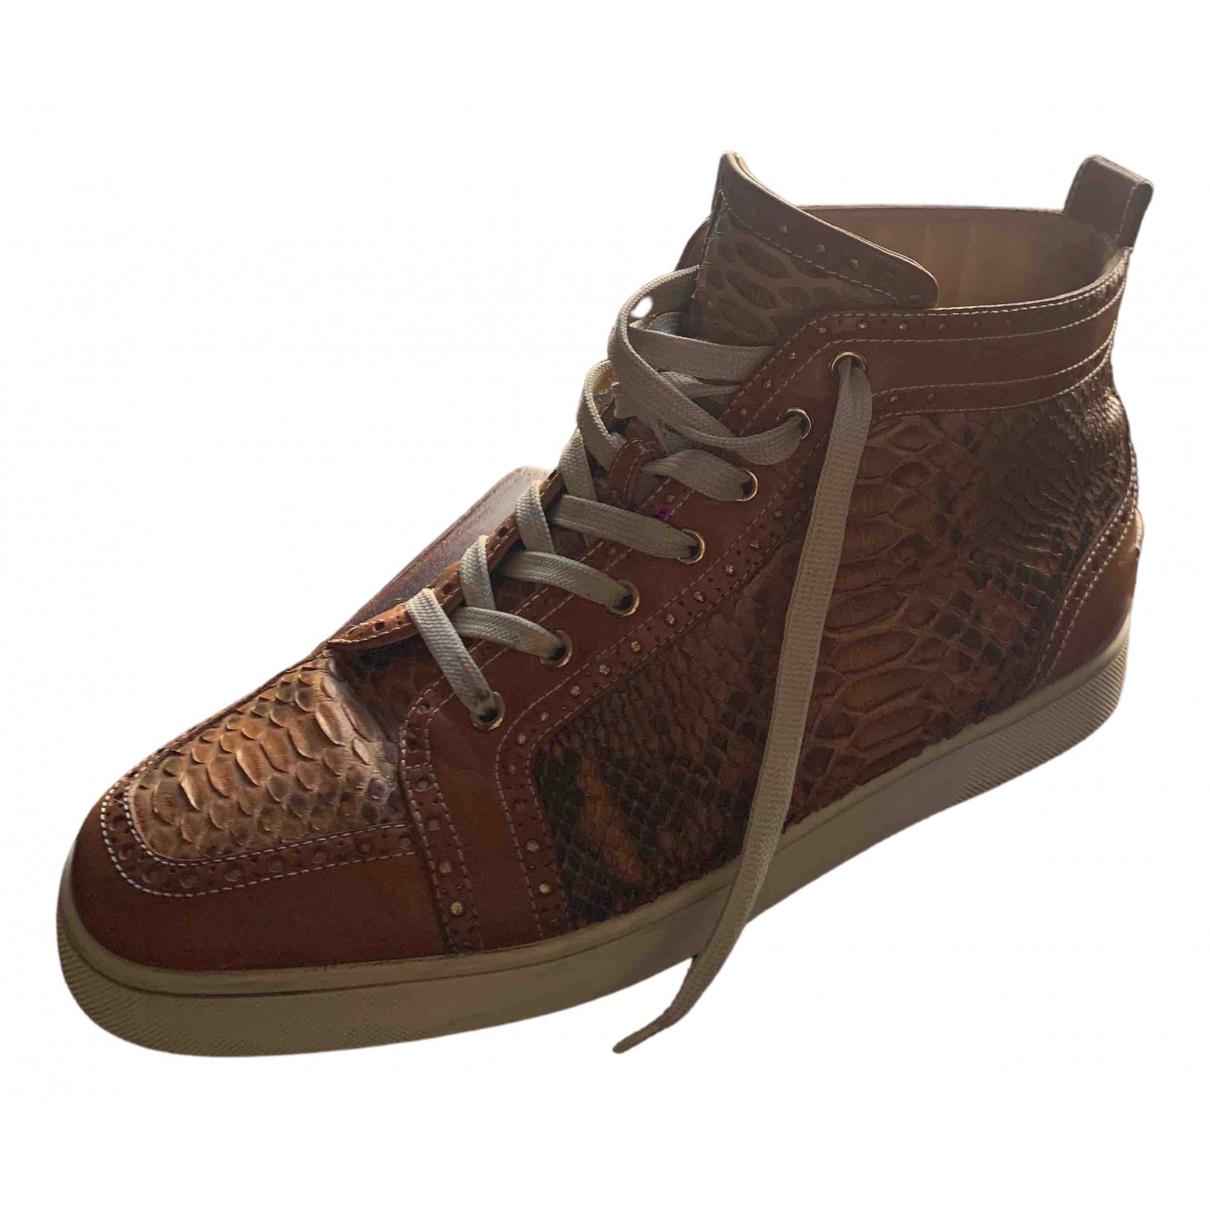 Christian Louboutin - Bottes.Boots   pour homme en python - beige